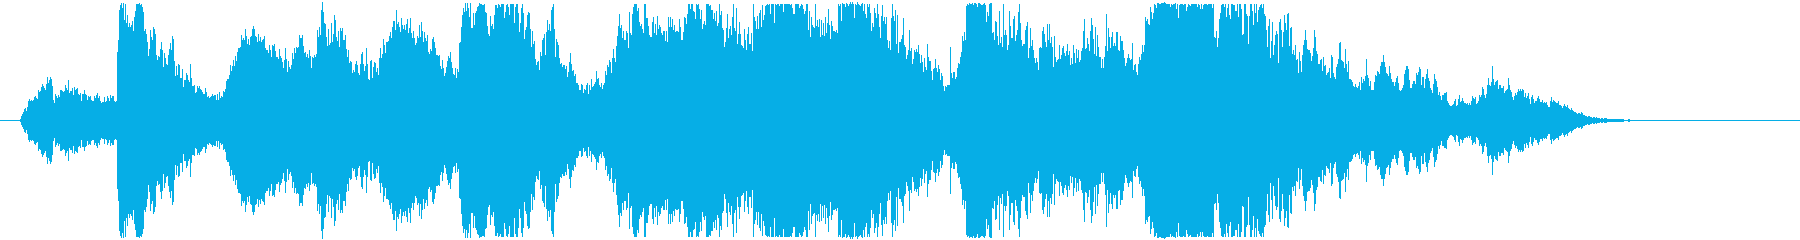 中東的な声とシタールの怪しいアンビ系の再生済みの波形